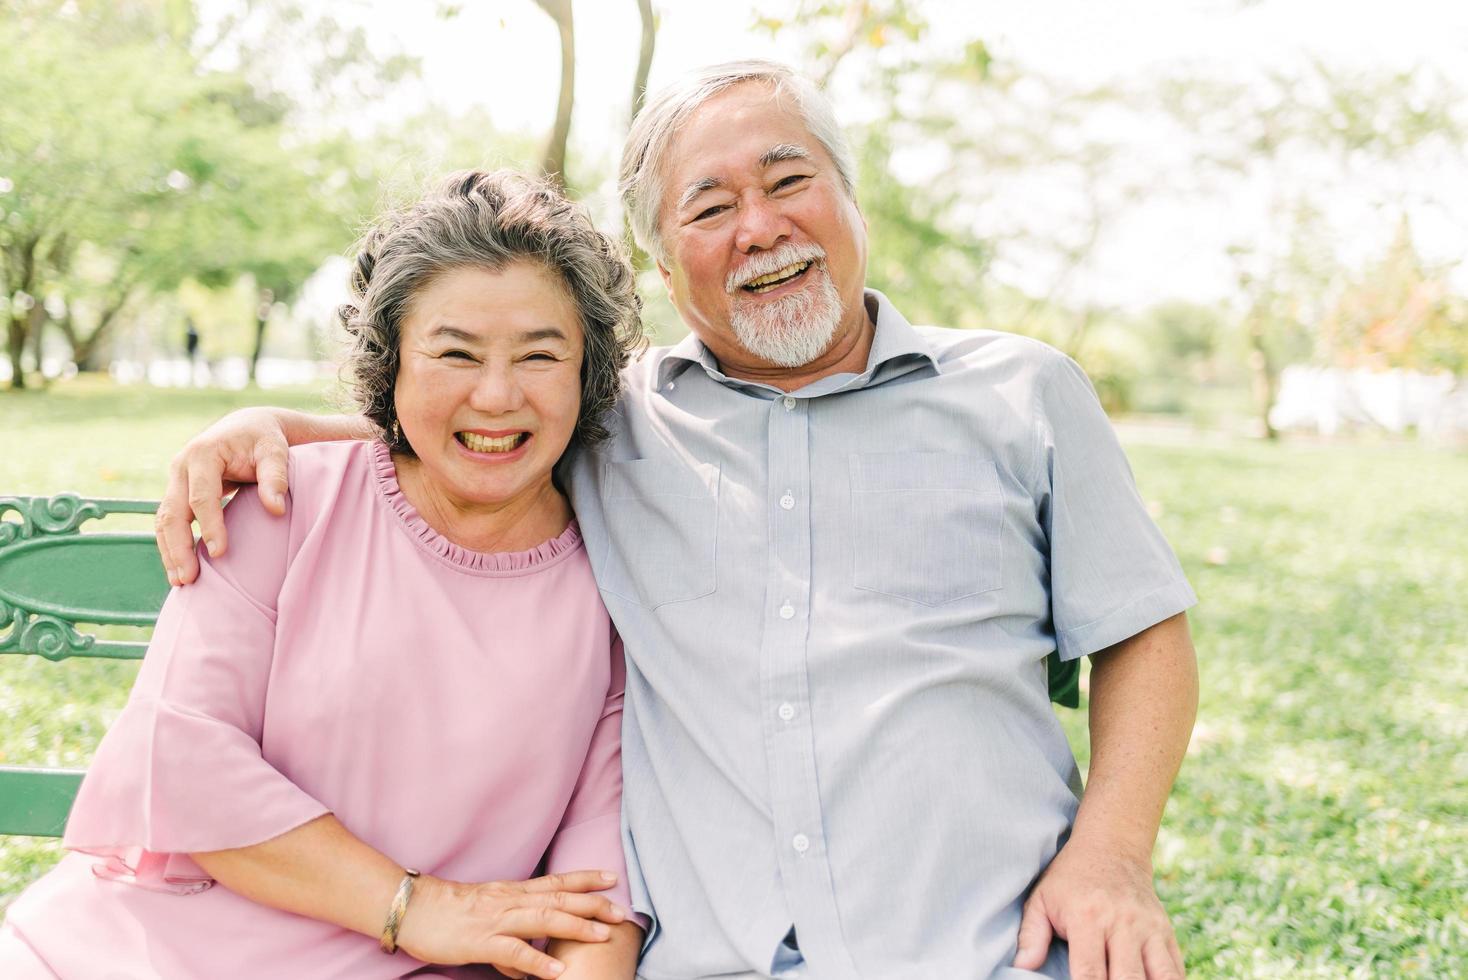 glückliches älteres Paar, das eine gute Zeit hat foto